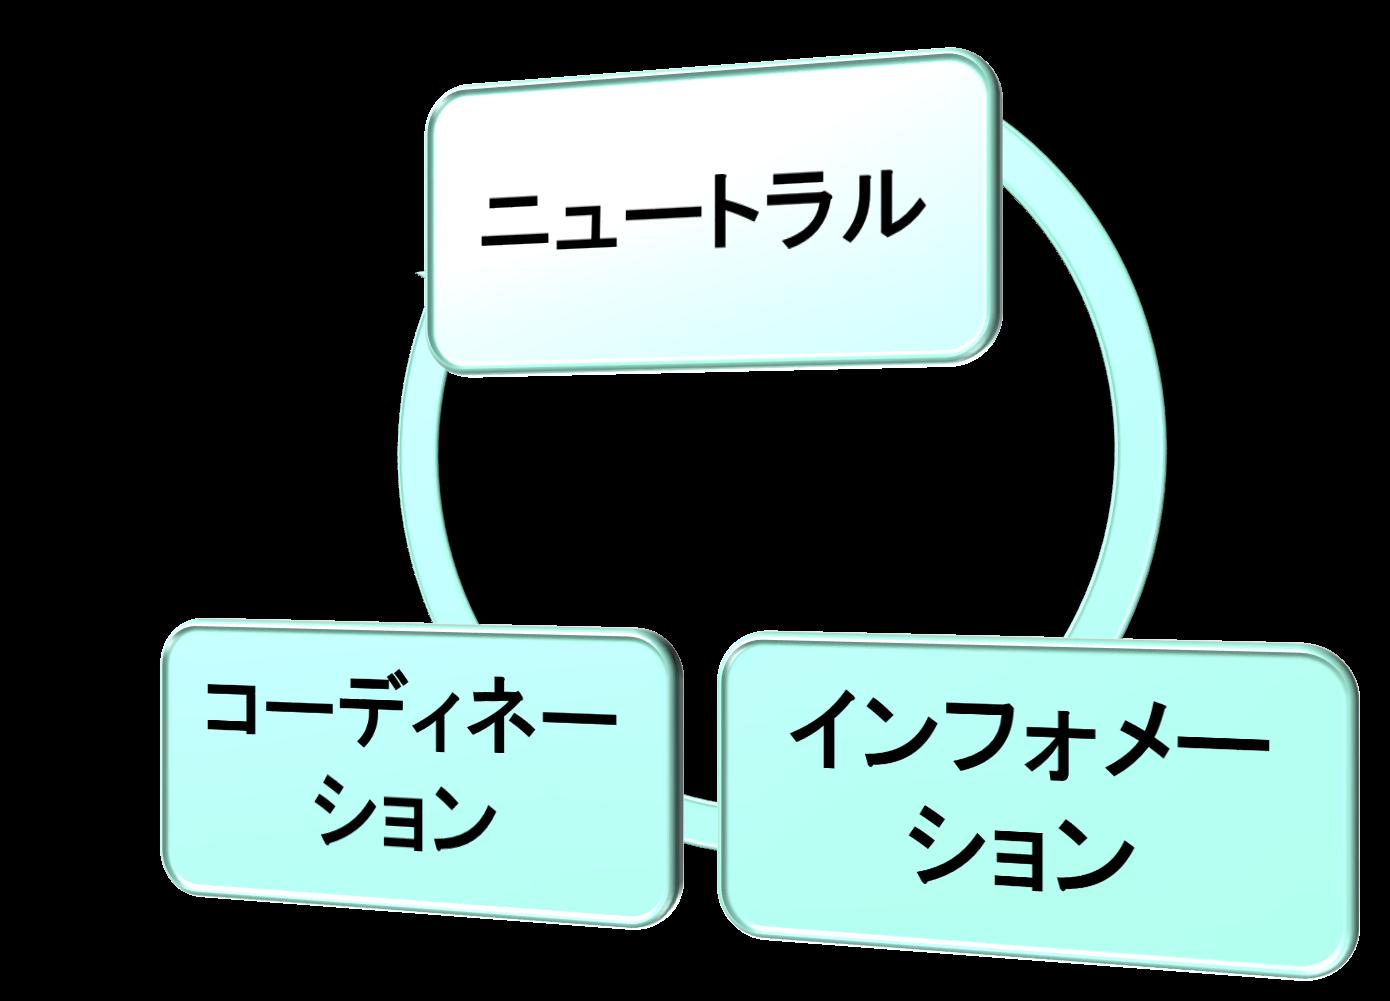 パーソナルジムのコンセプト